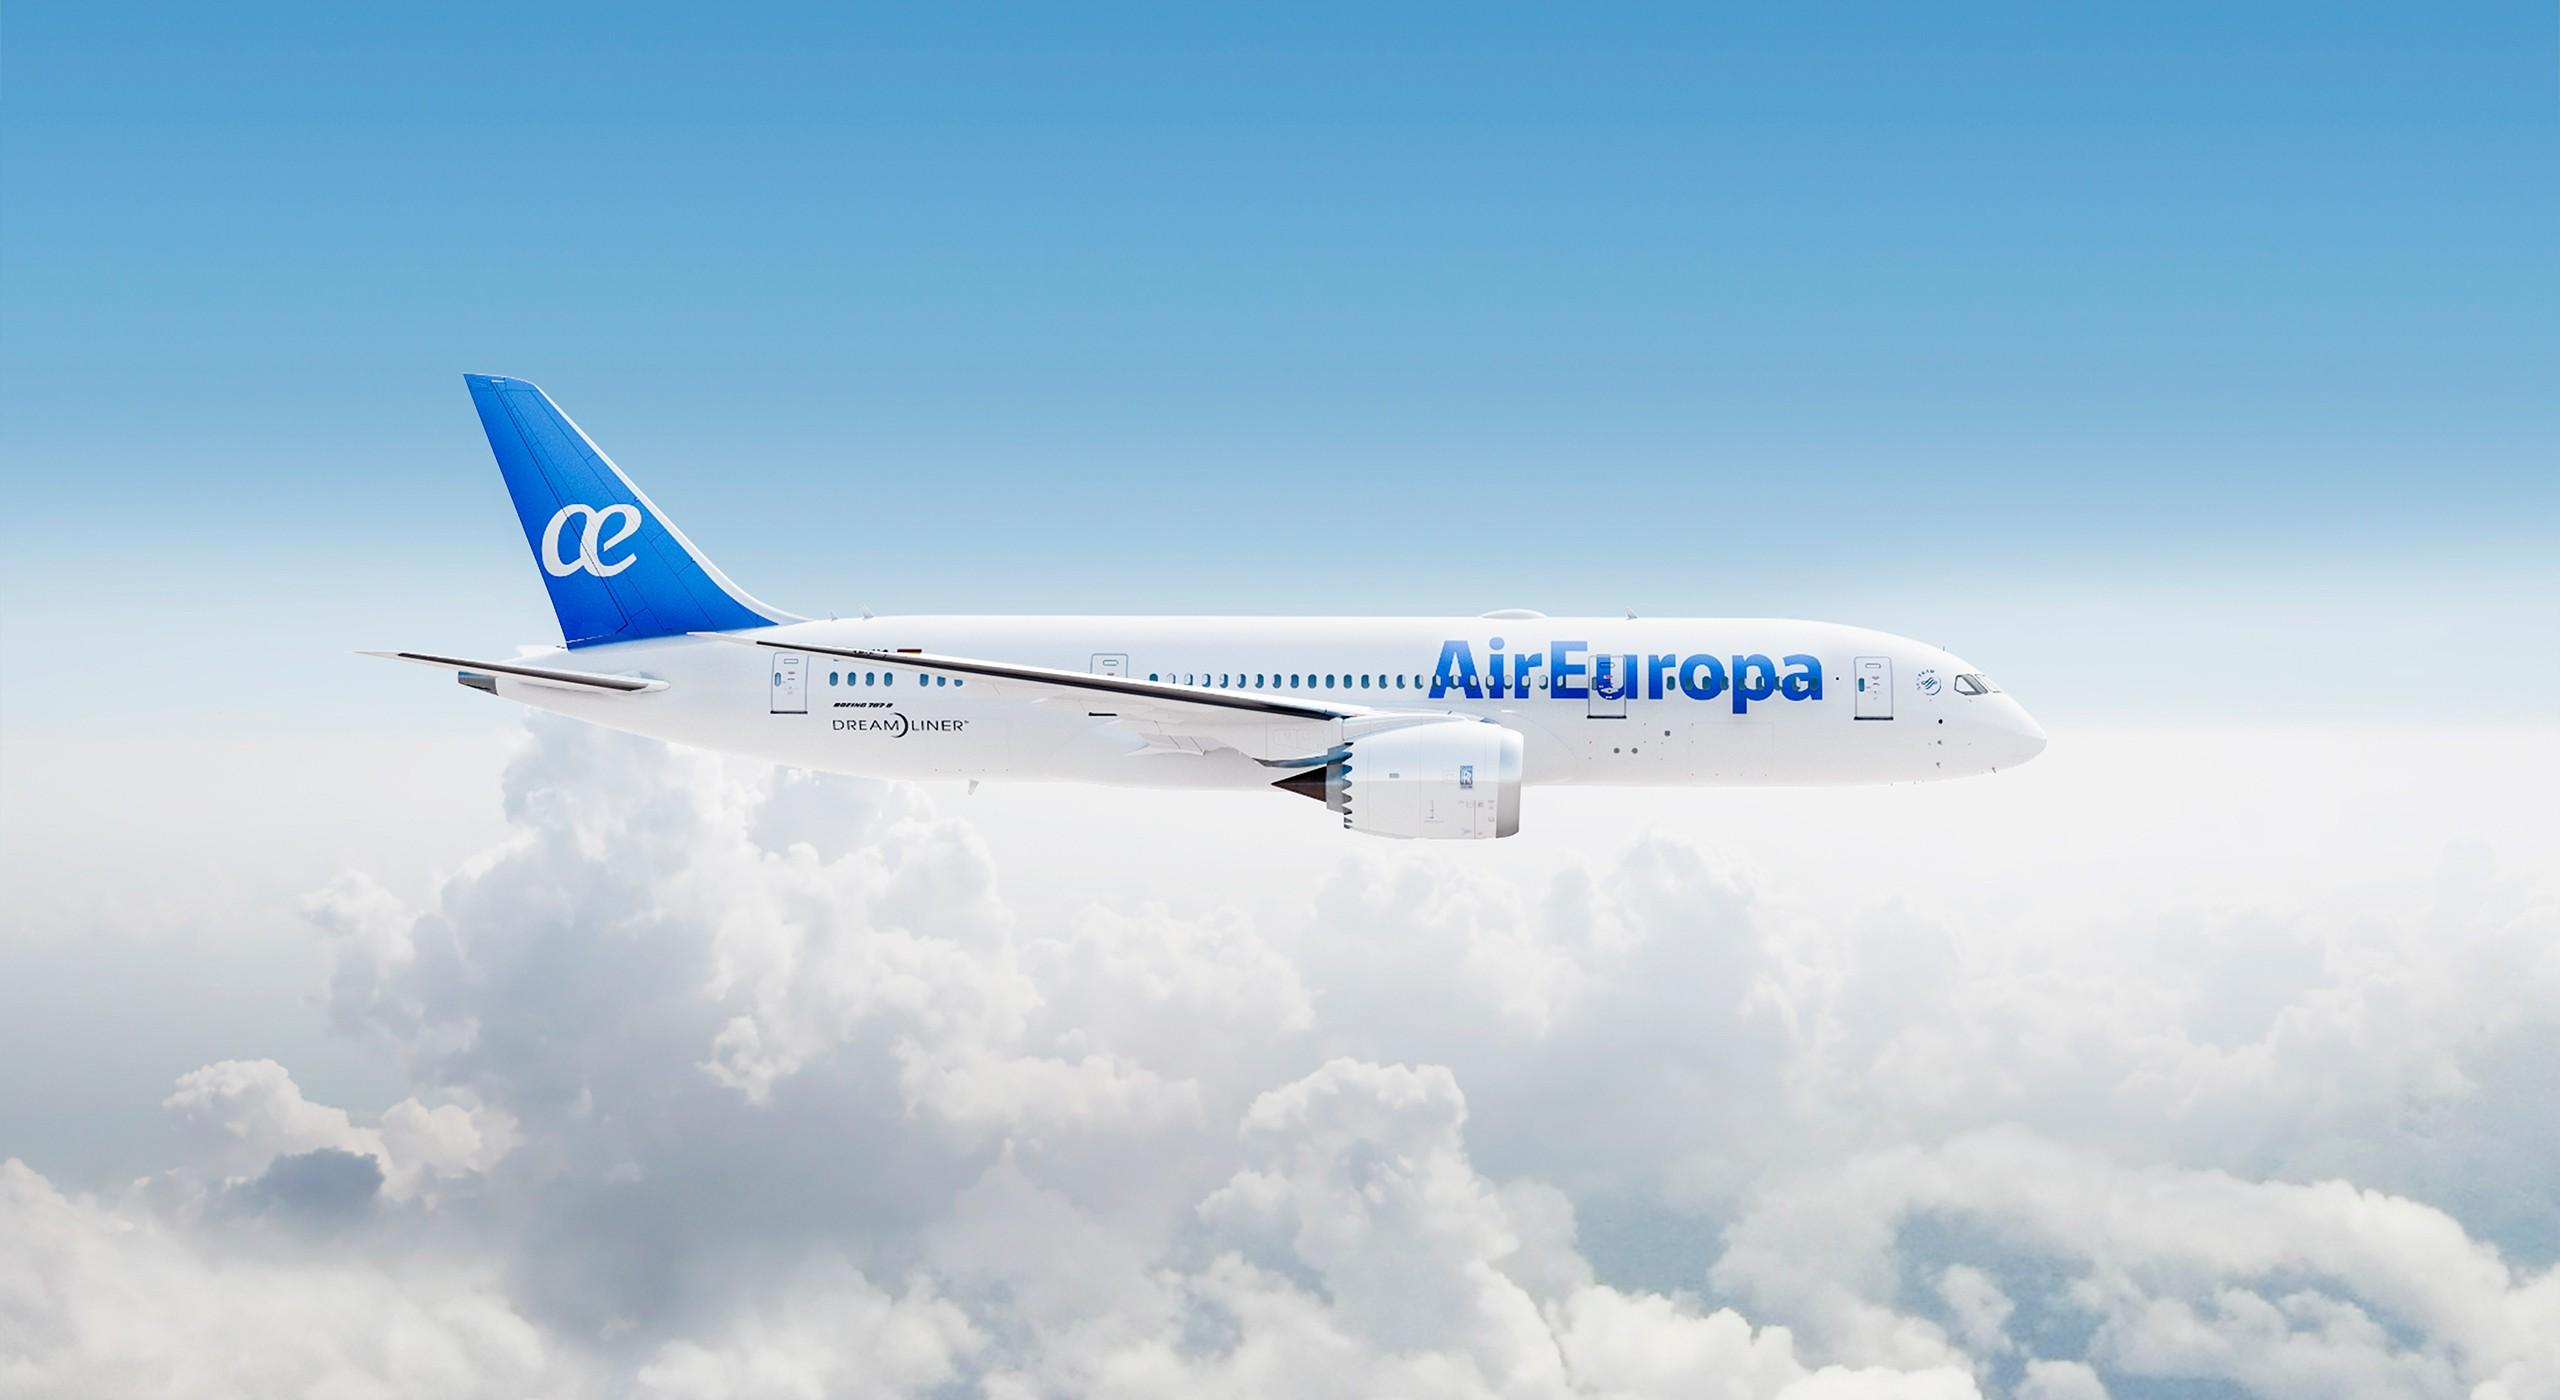 """""""Air Europa"""" Böyük Britaniya holdinqi tərəfindən satın alınıb"""